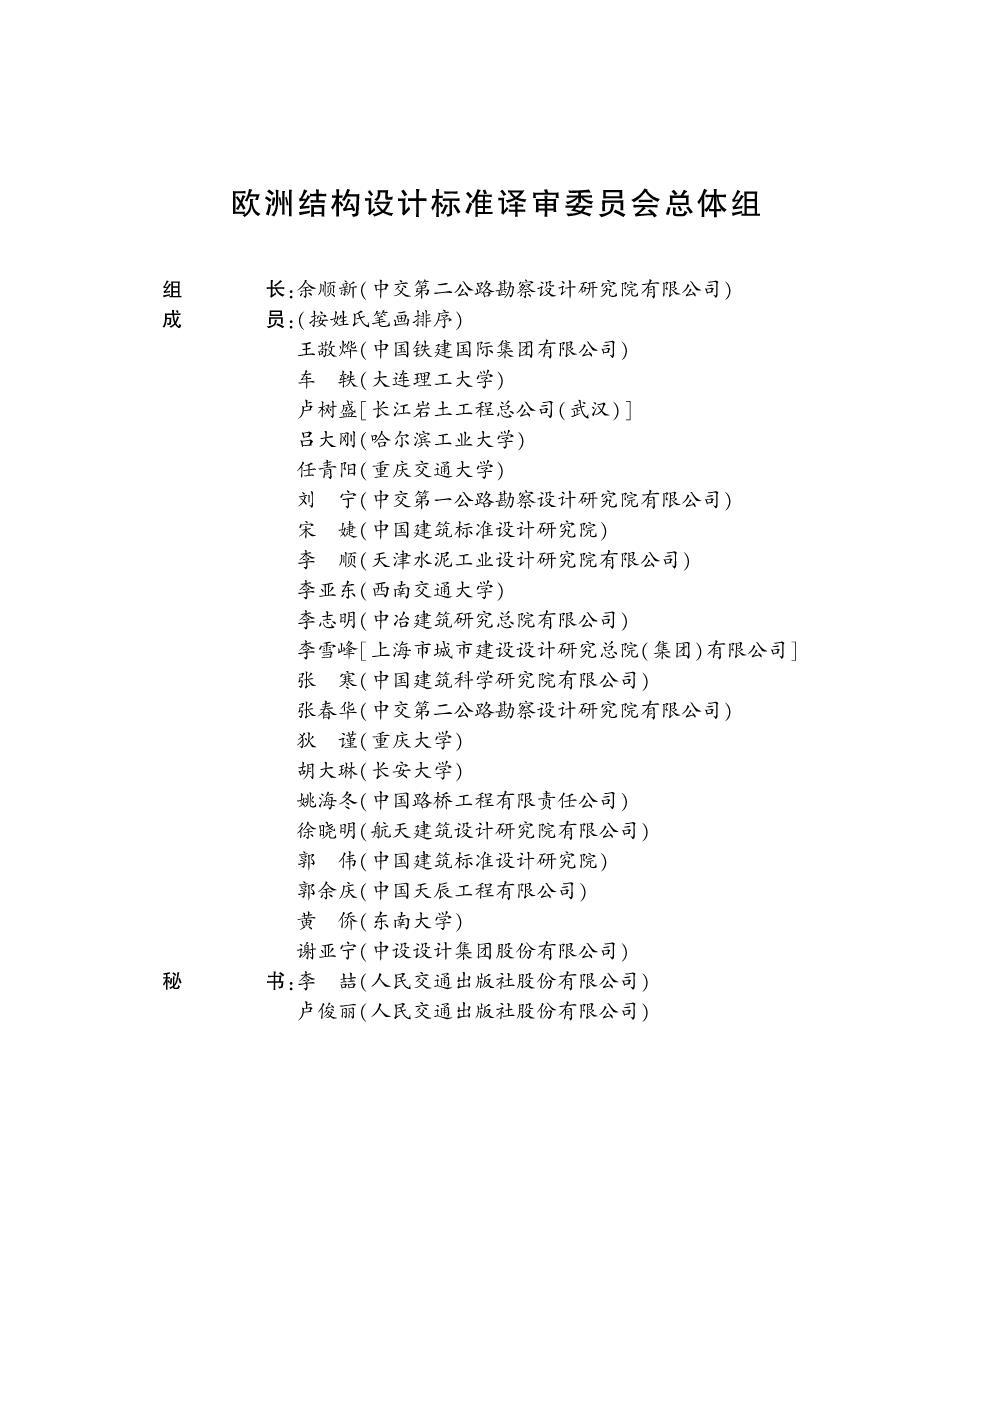 欧洲标准-钢结构设计第1-3部分:一般规定——冷成型构件和薄钢板的补充规定-BS-EN-1993-1-3:2006-Page-006